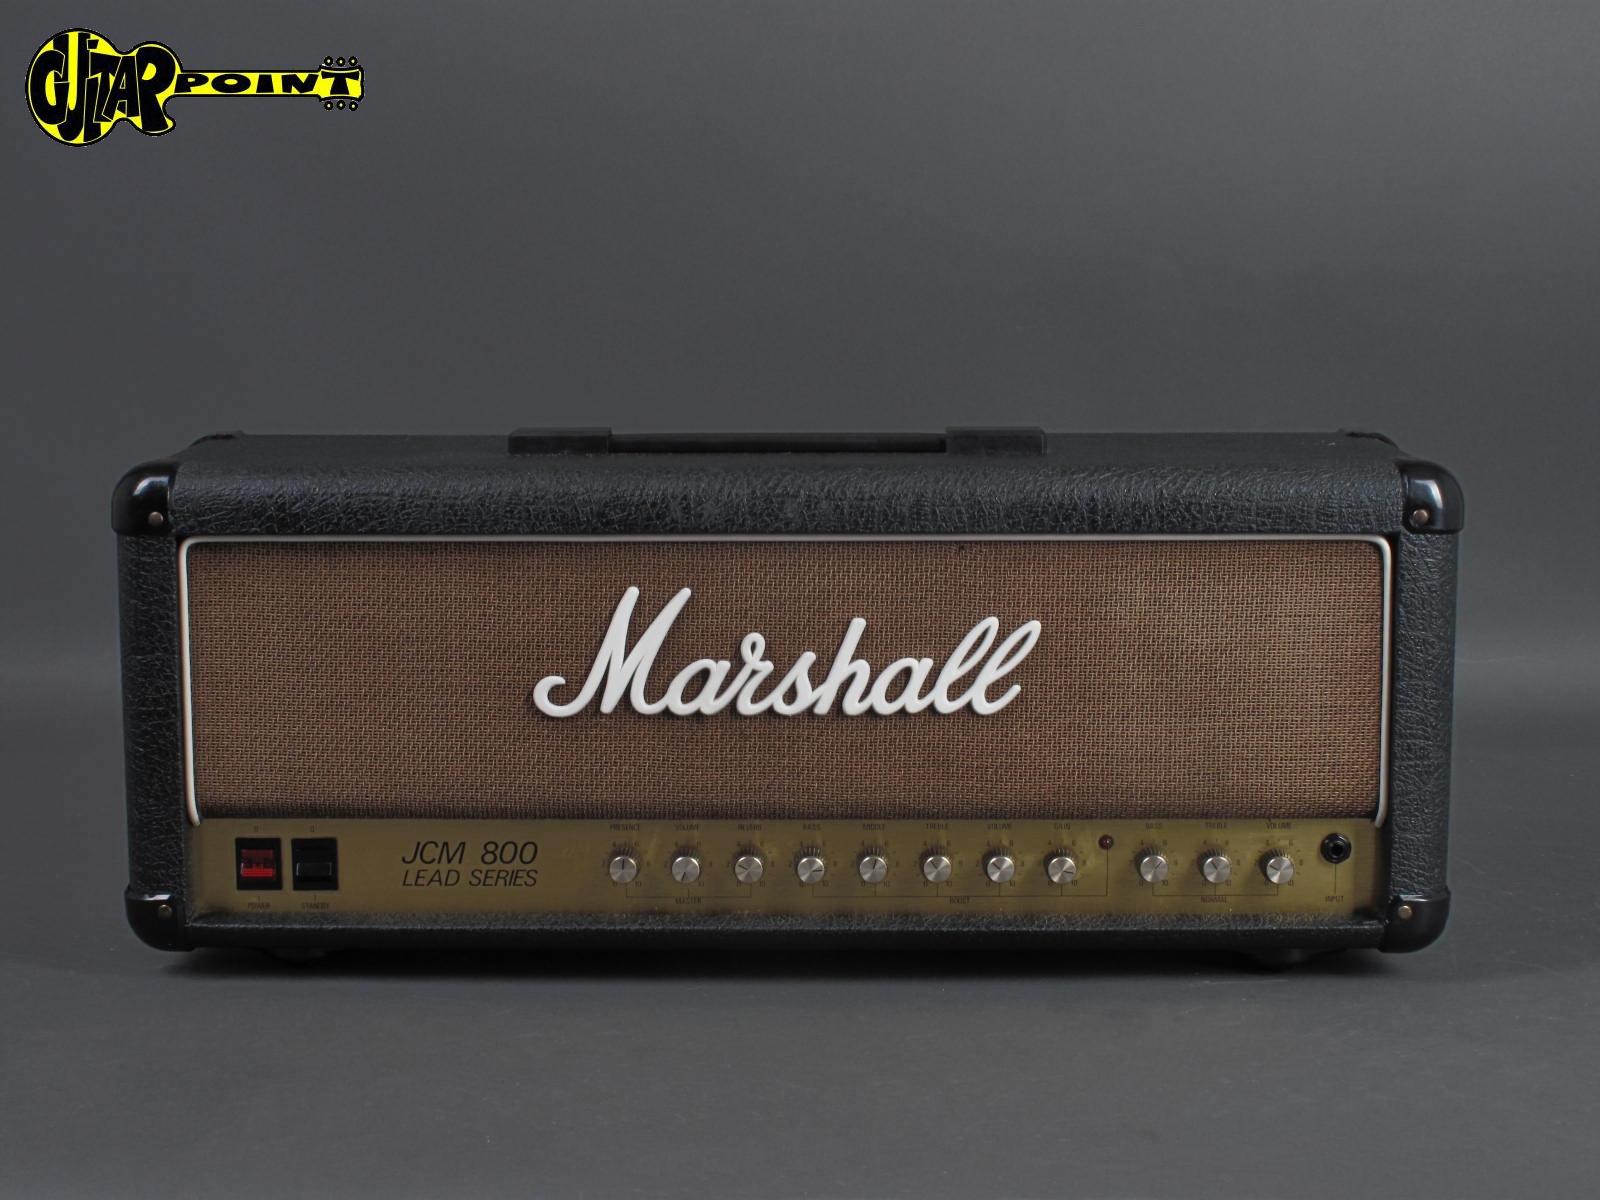 1986 Marshall JCM800 - 50 Watt  - 2205 Tube amplifier